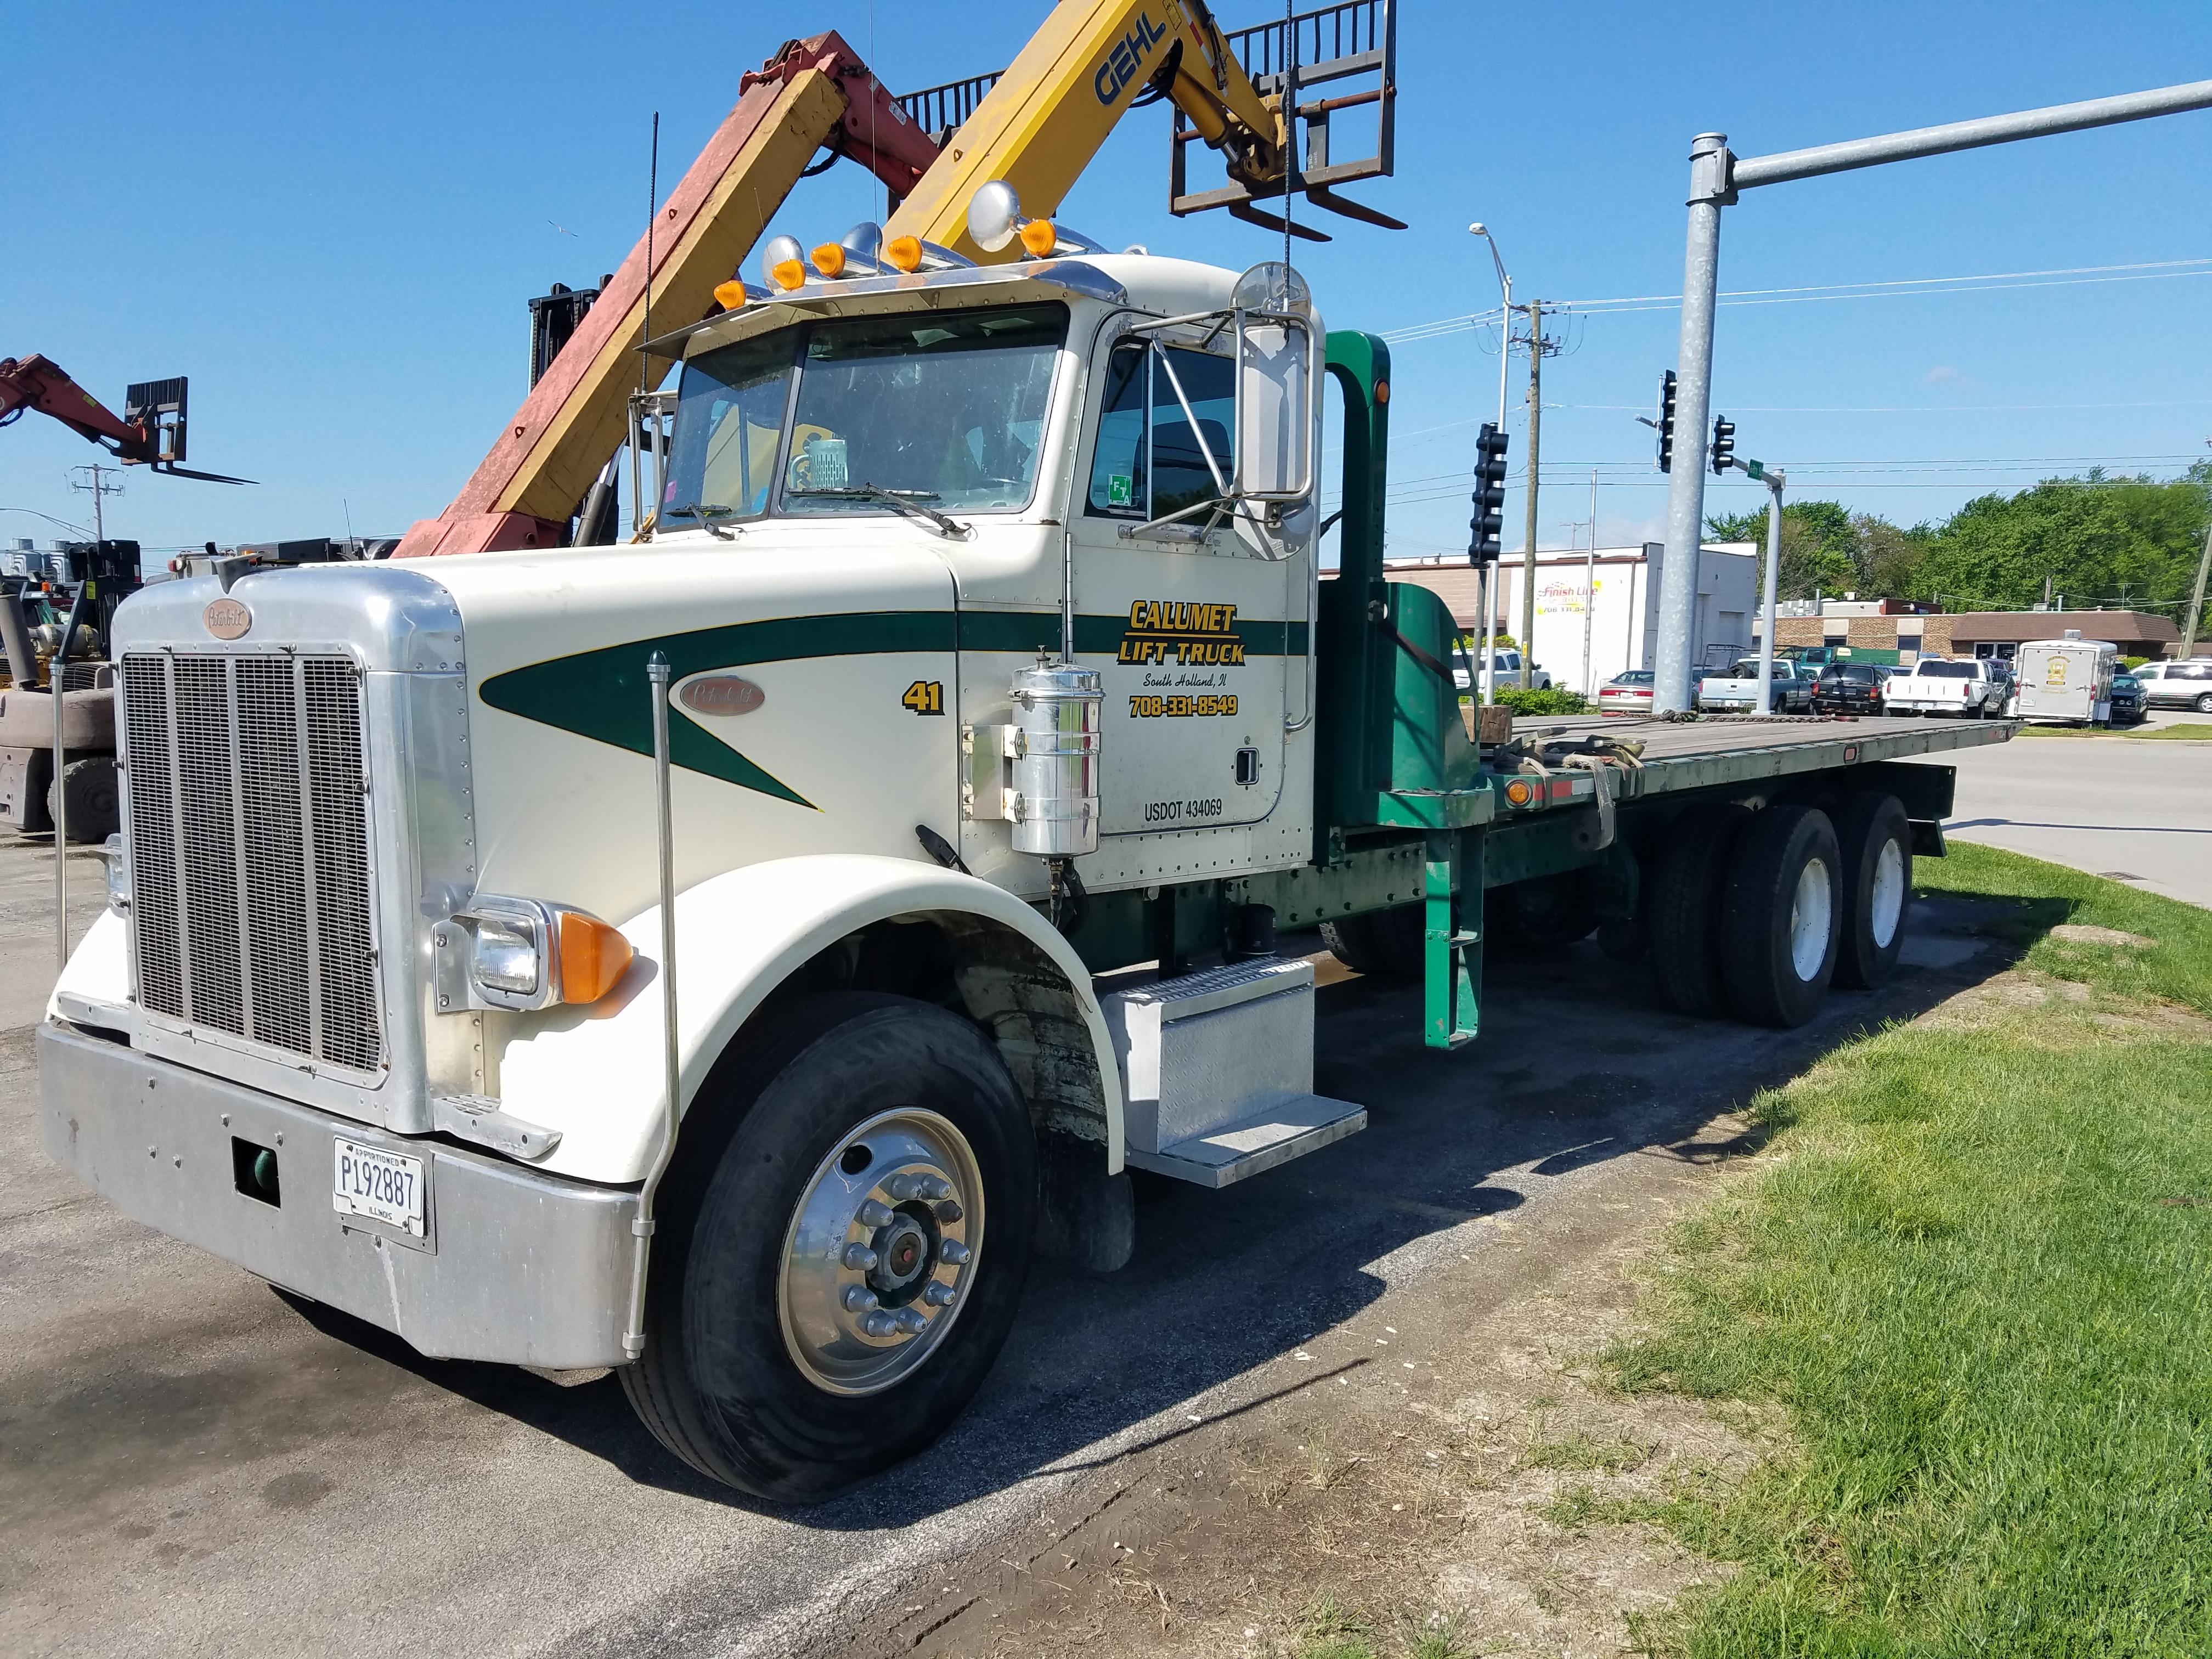 Calumet Lift Truck Service Company Inc. image 0